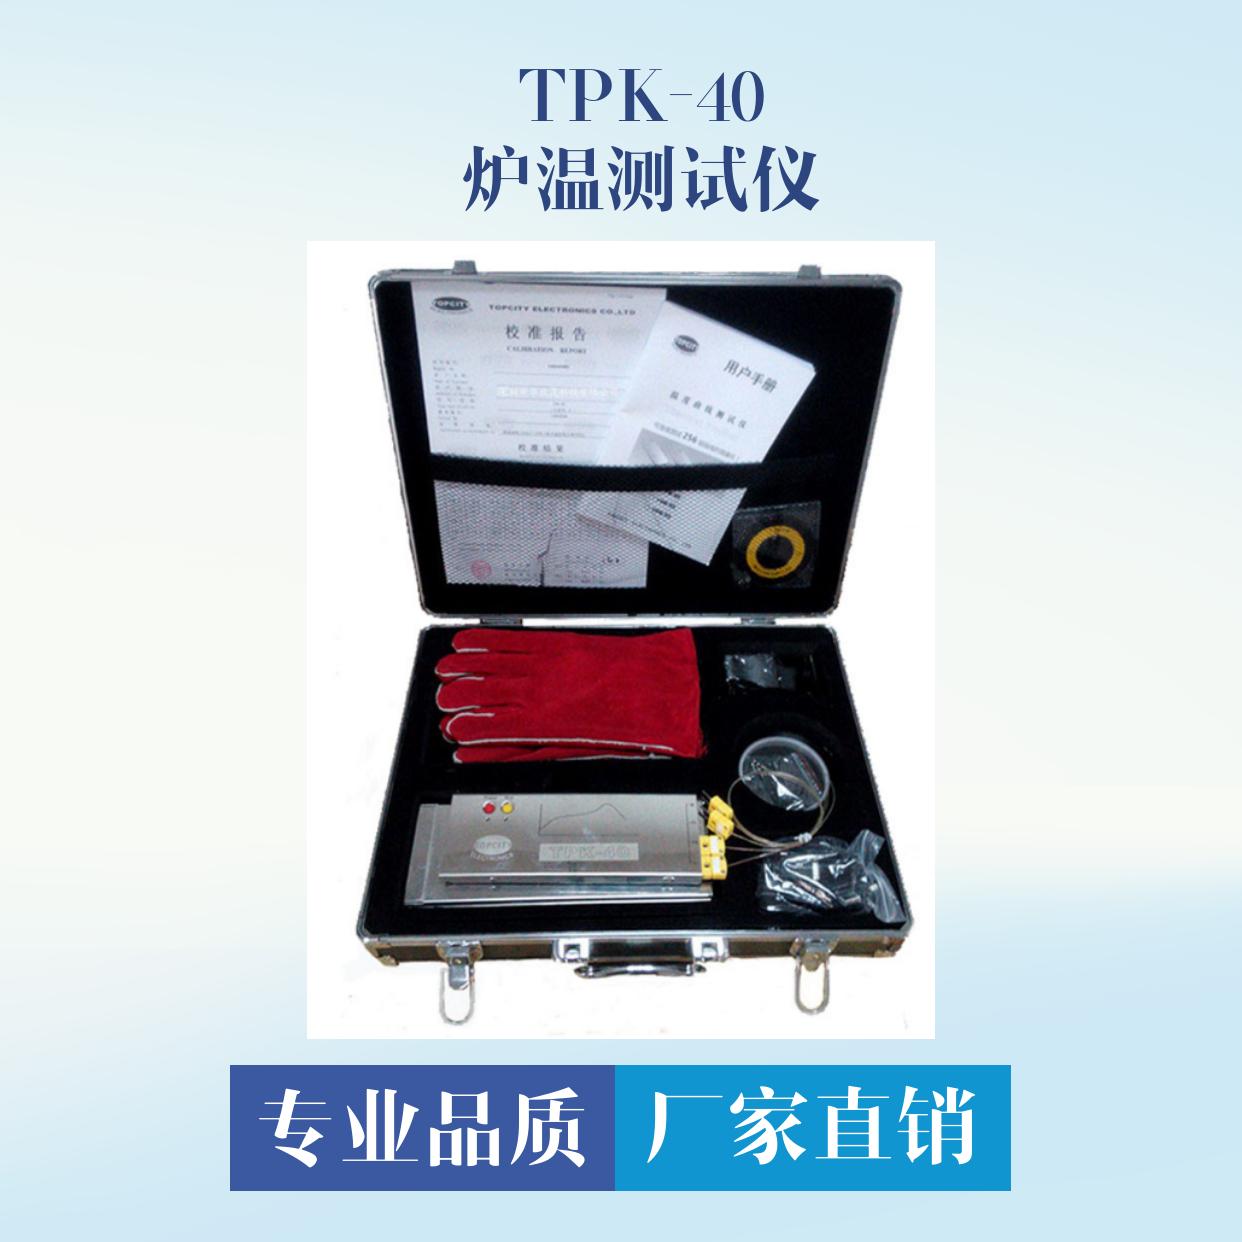 炉温测试仪 TPK-40